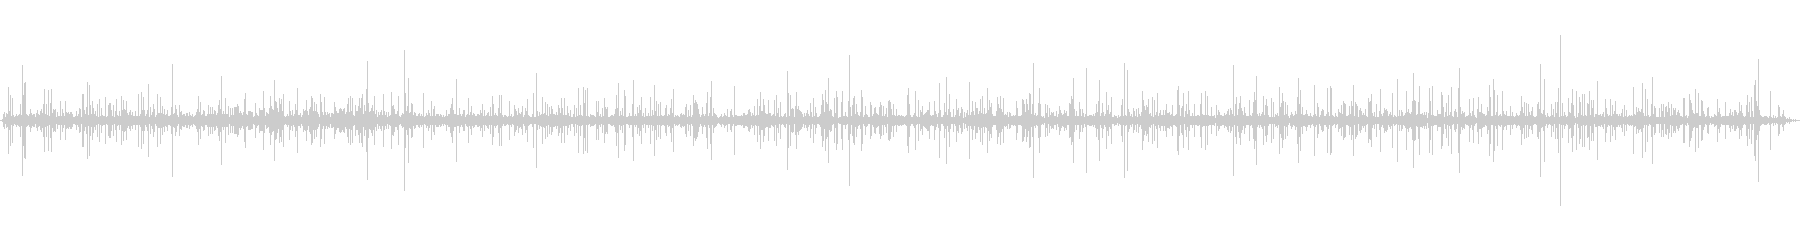 山で録音した清水の音_川の未再生の波形